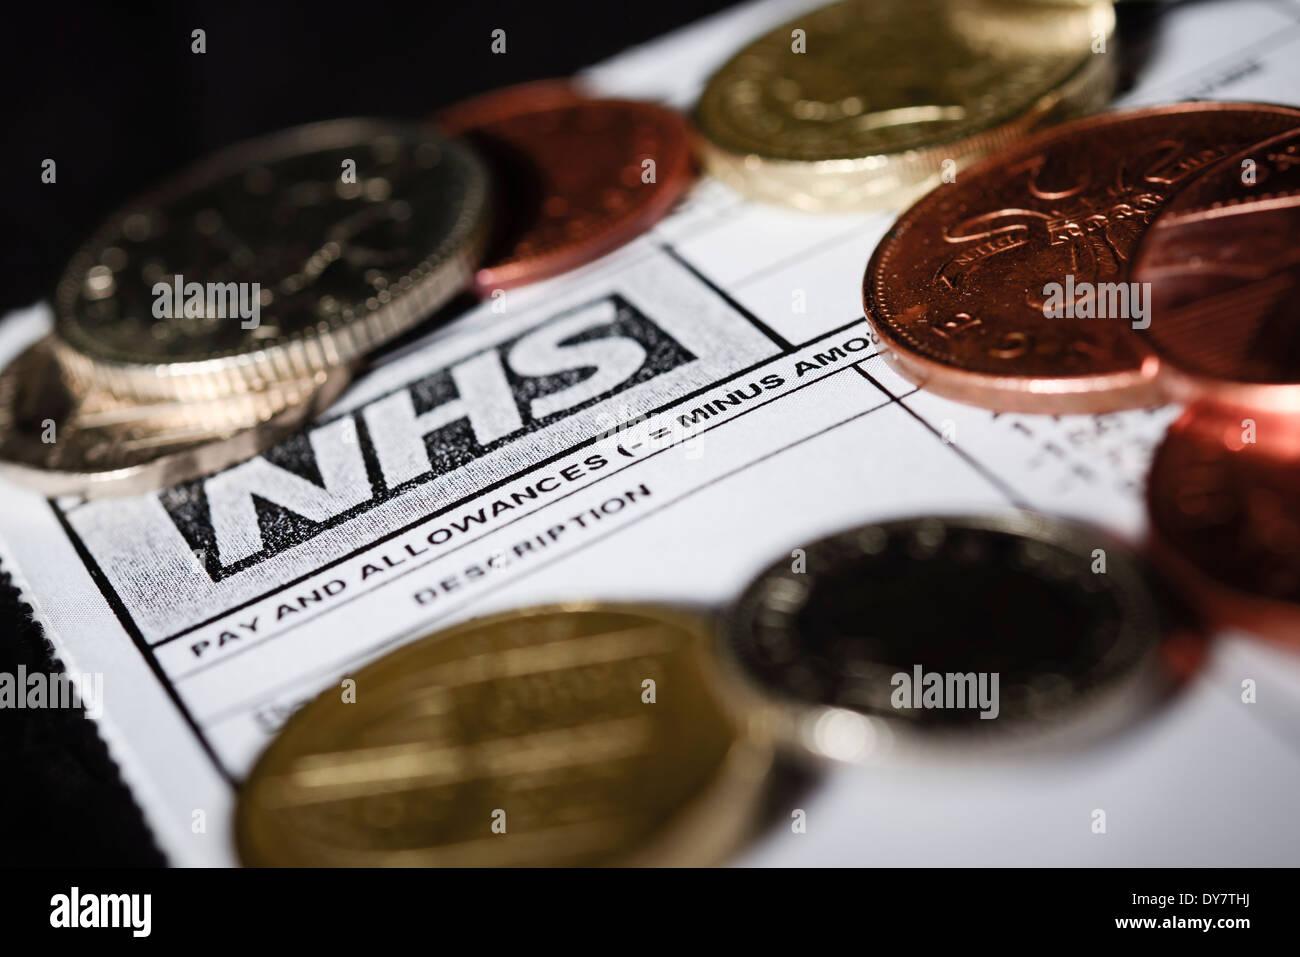 NHS Haushaltskürzungen Konzept - eine generische NHS Gehaltsabrechnung Lohn-oder Gehaltsabrechnung mit britischen Münzen des Reiches erschossen auf einem schwarzen Hintergrund Stockbild